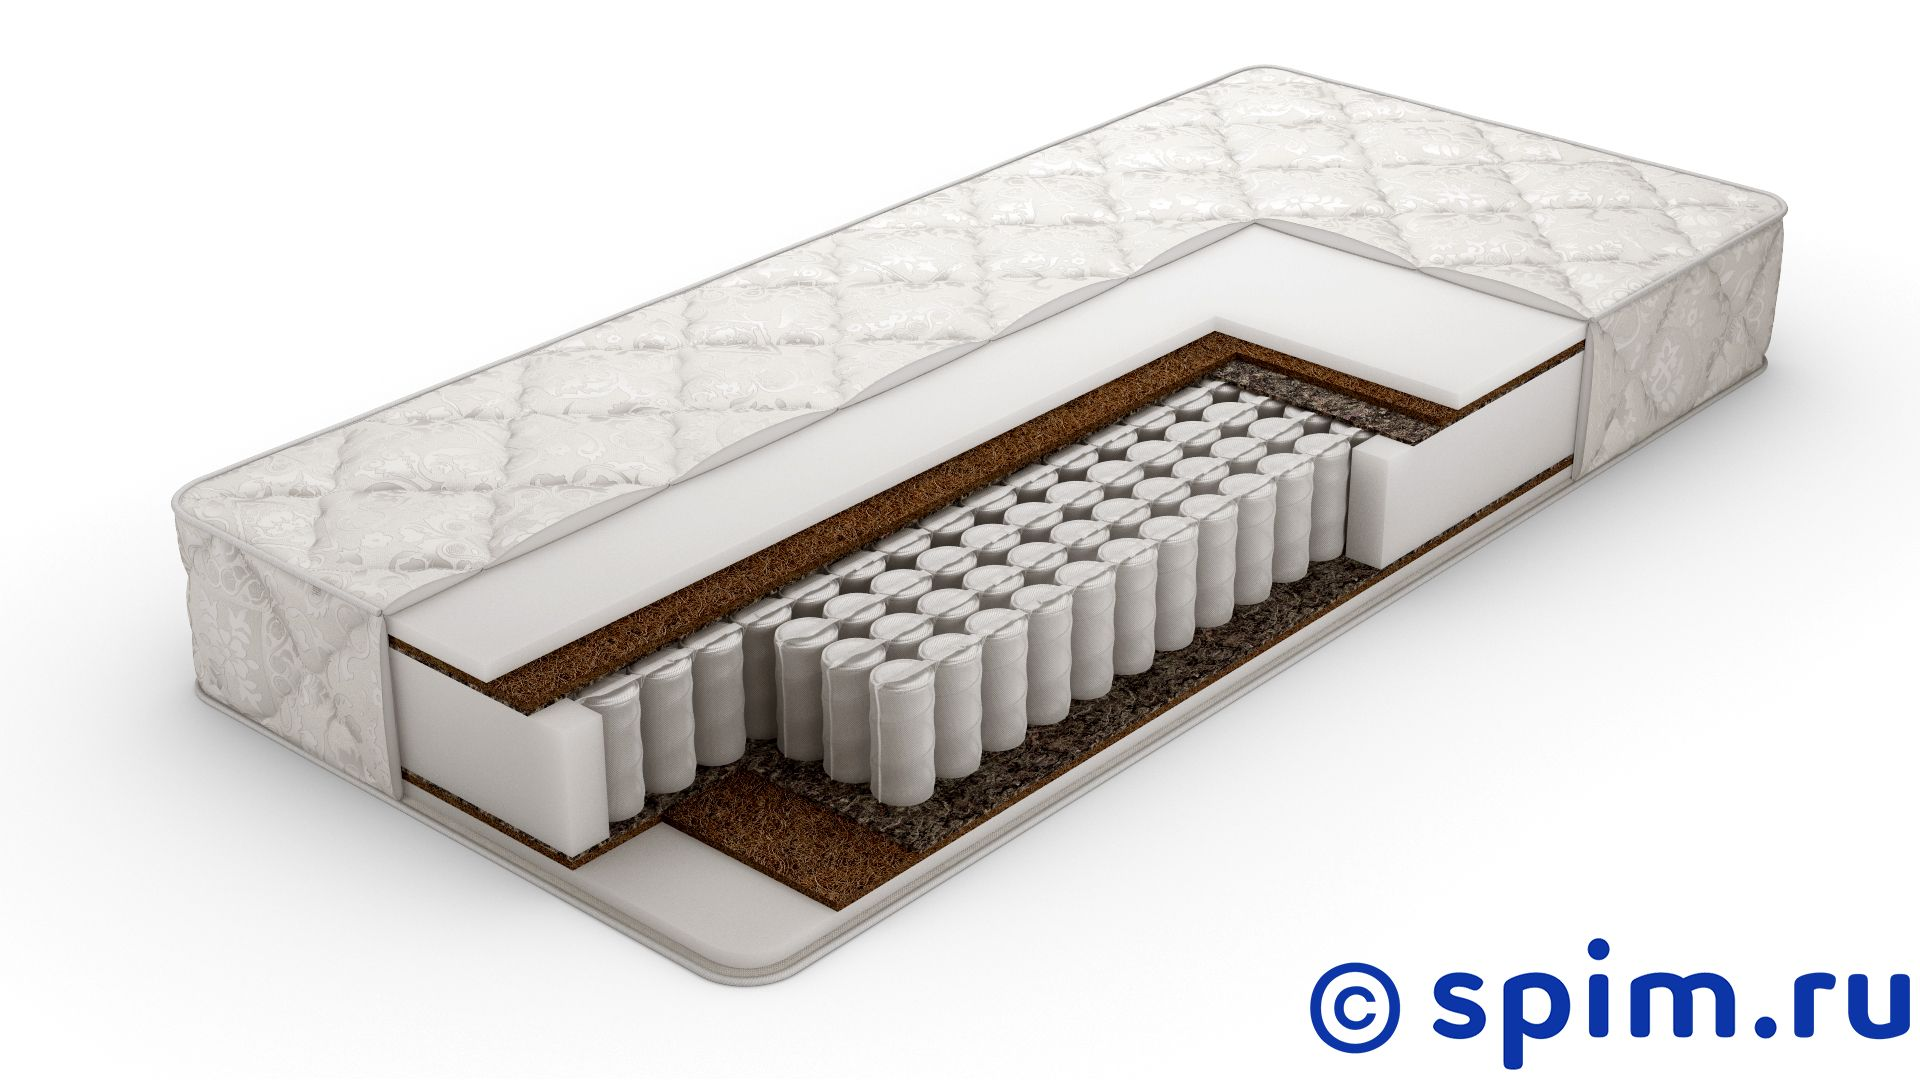 Матрас DreamExpert Base Foam 15 Hard Tfk Lite 90х200 см от spim.ru